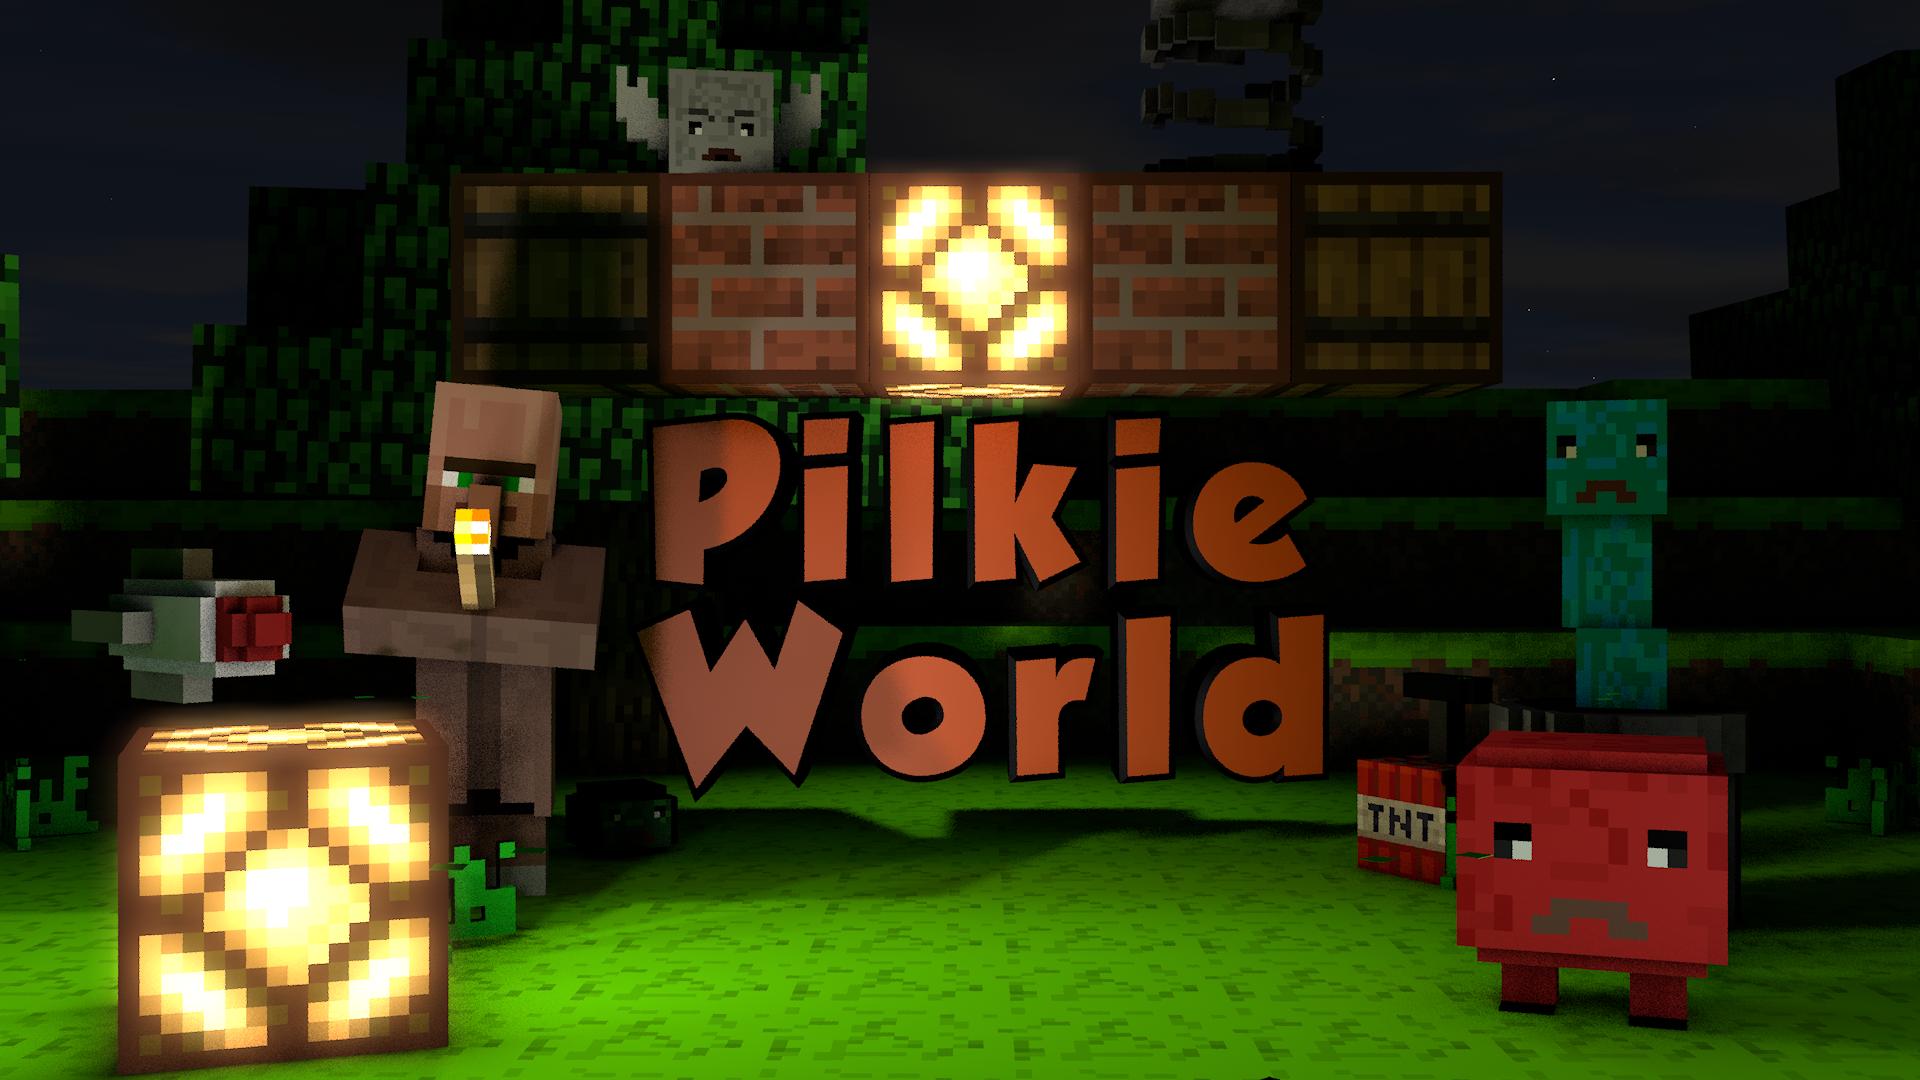 Pilkie World